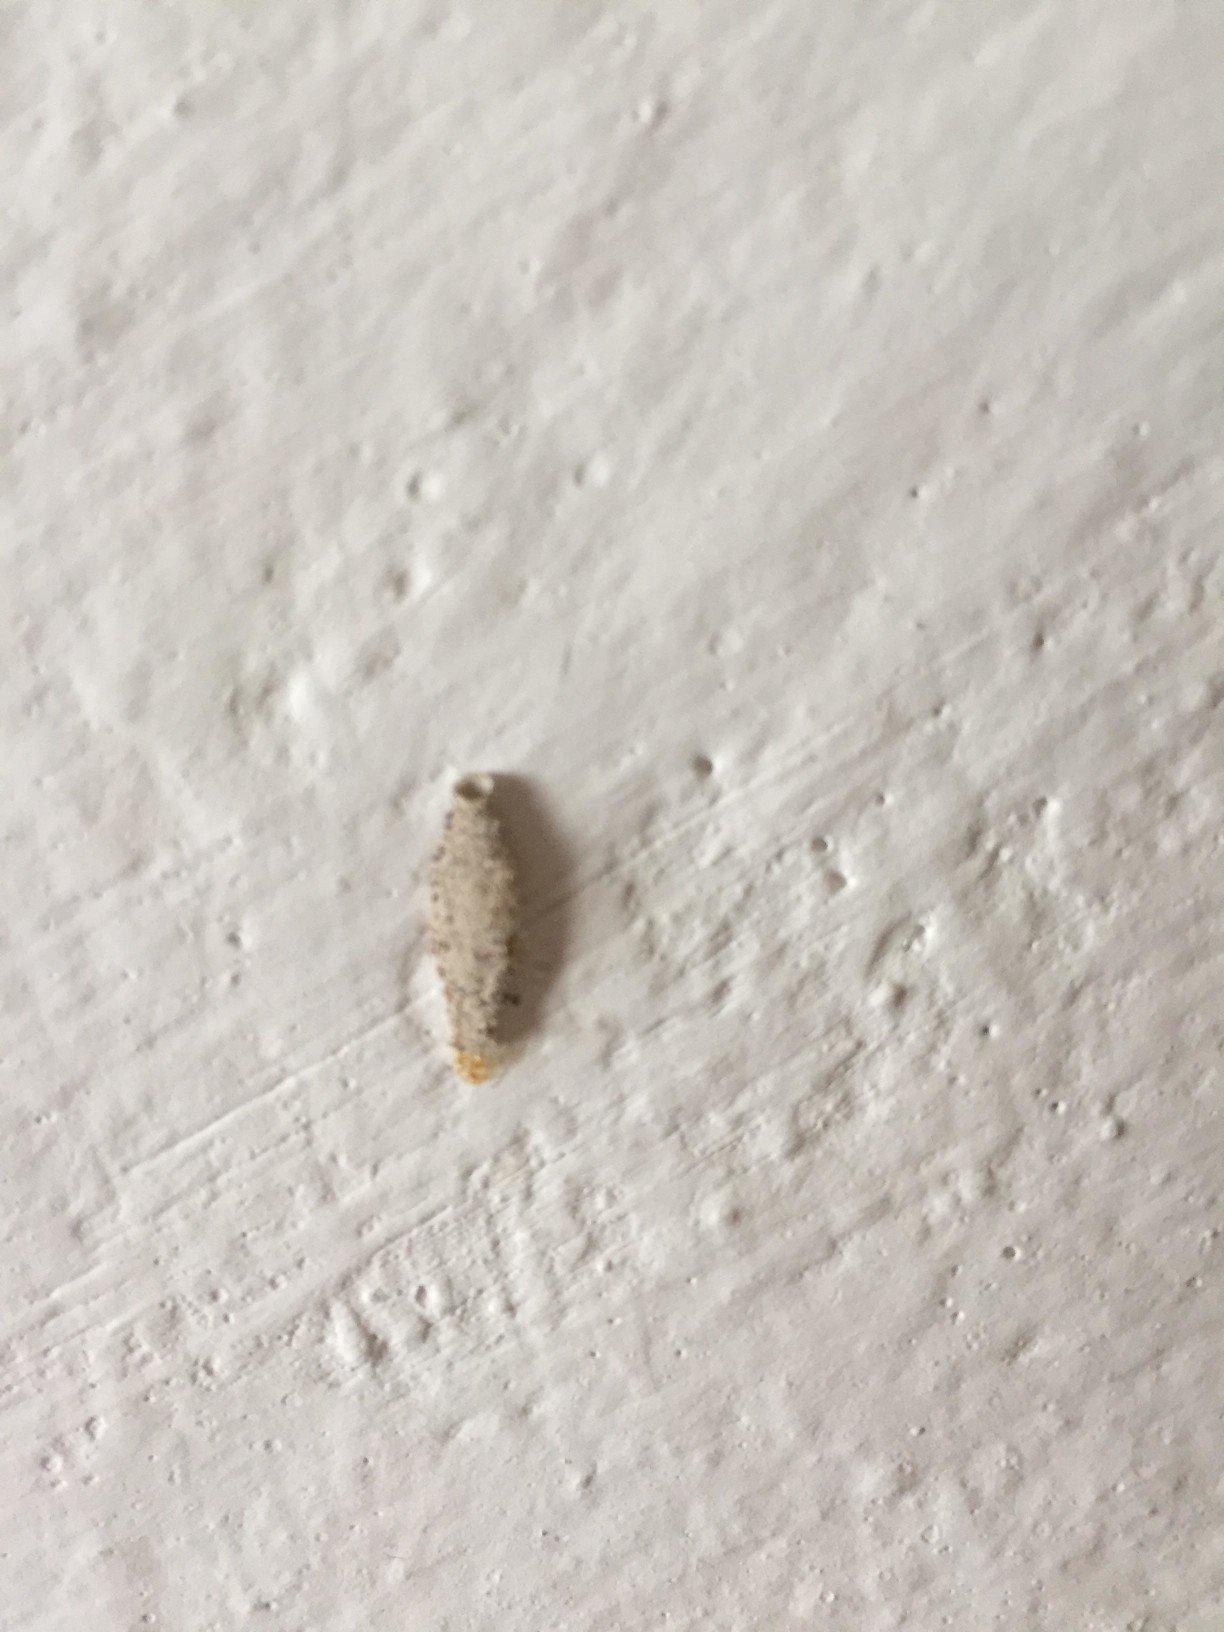 潔白的牆壁上偶爾會出現幾個灰白色的凸起物,好像一塊水泥般地黏著或吊著在牆上。這其實是台灣常見的一種居家害蟲「衣蛾」幼蟲的巢,又被稱做「瓜子蟲」或「蓑衣蟲」。